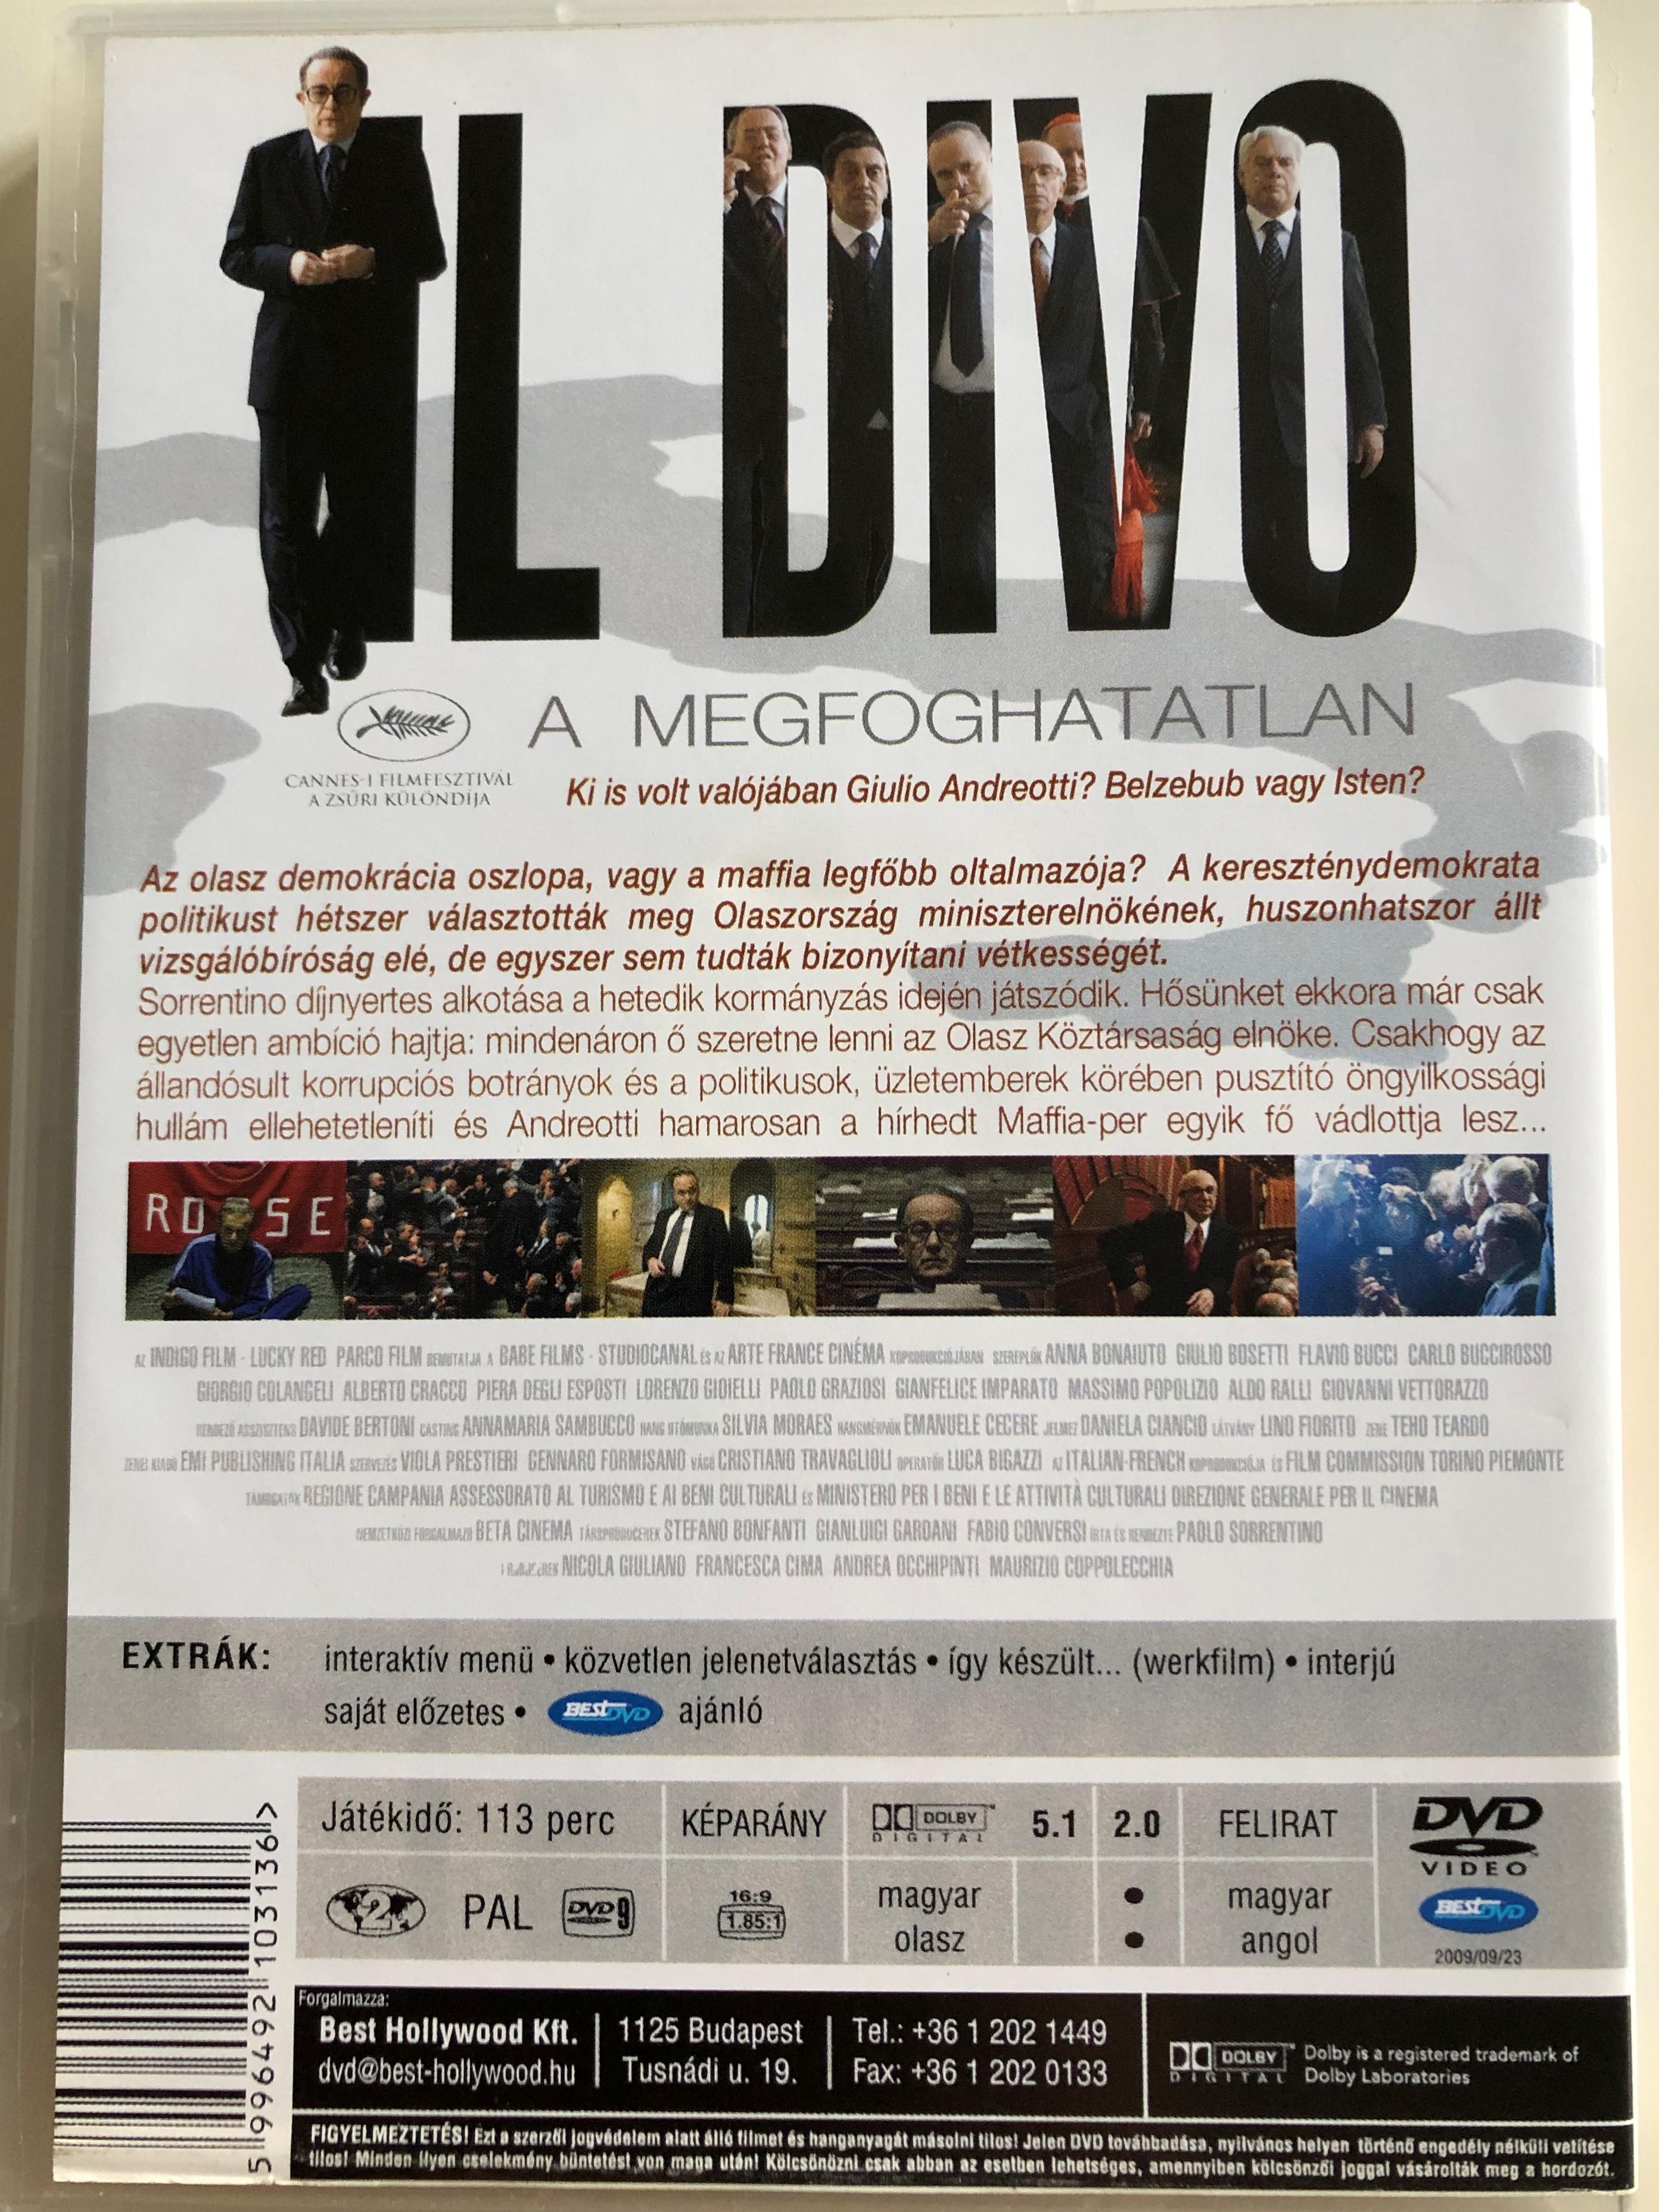 il-divo-dvd-a-megfoghatatlan-directed-by-paolo-sorrentino-starring-toni-servillo-anna-bonaiuto-piera-degli-esposti-paolo-graziosi-giulio-bosetti-flavio-bucci-carlo-buccirosso-the-celebrity-biographical-drama-ab.jpg